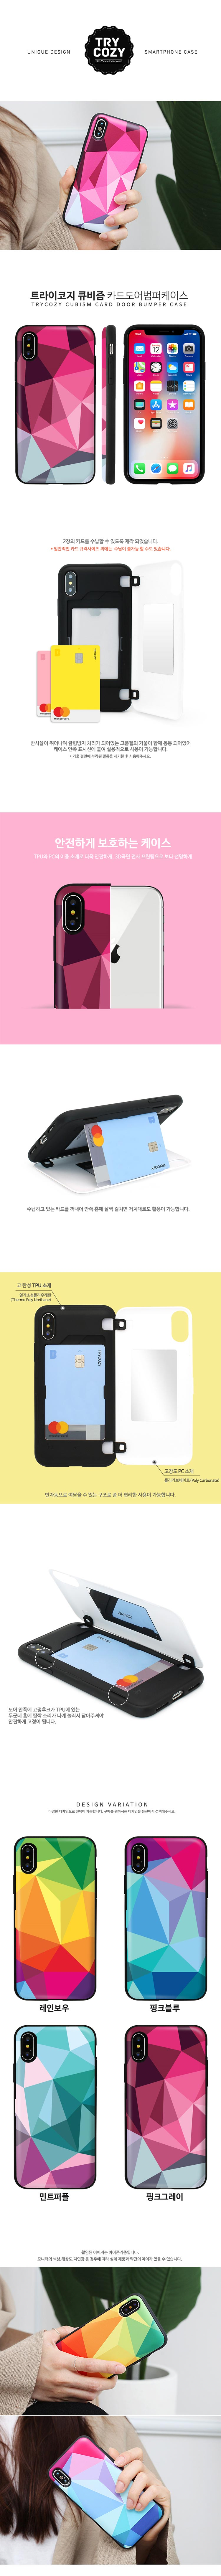 큐비즘 카드 도어 범퍼 케이스(tr) 휴대폰 카드 거울 수납 - 원스컴퍼니, 14,900원, 케이스, 아이폰XS